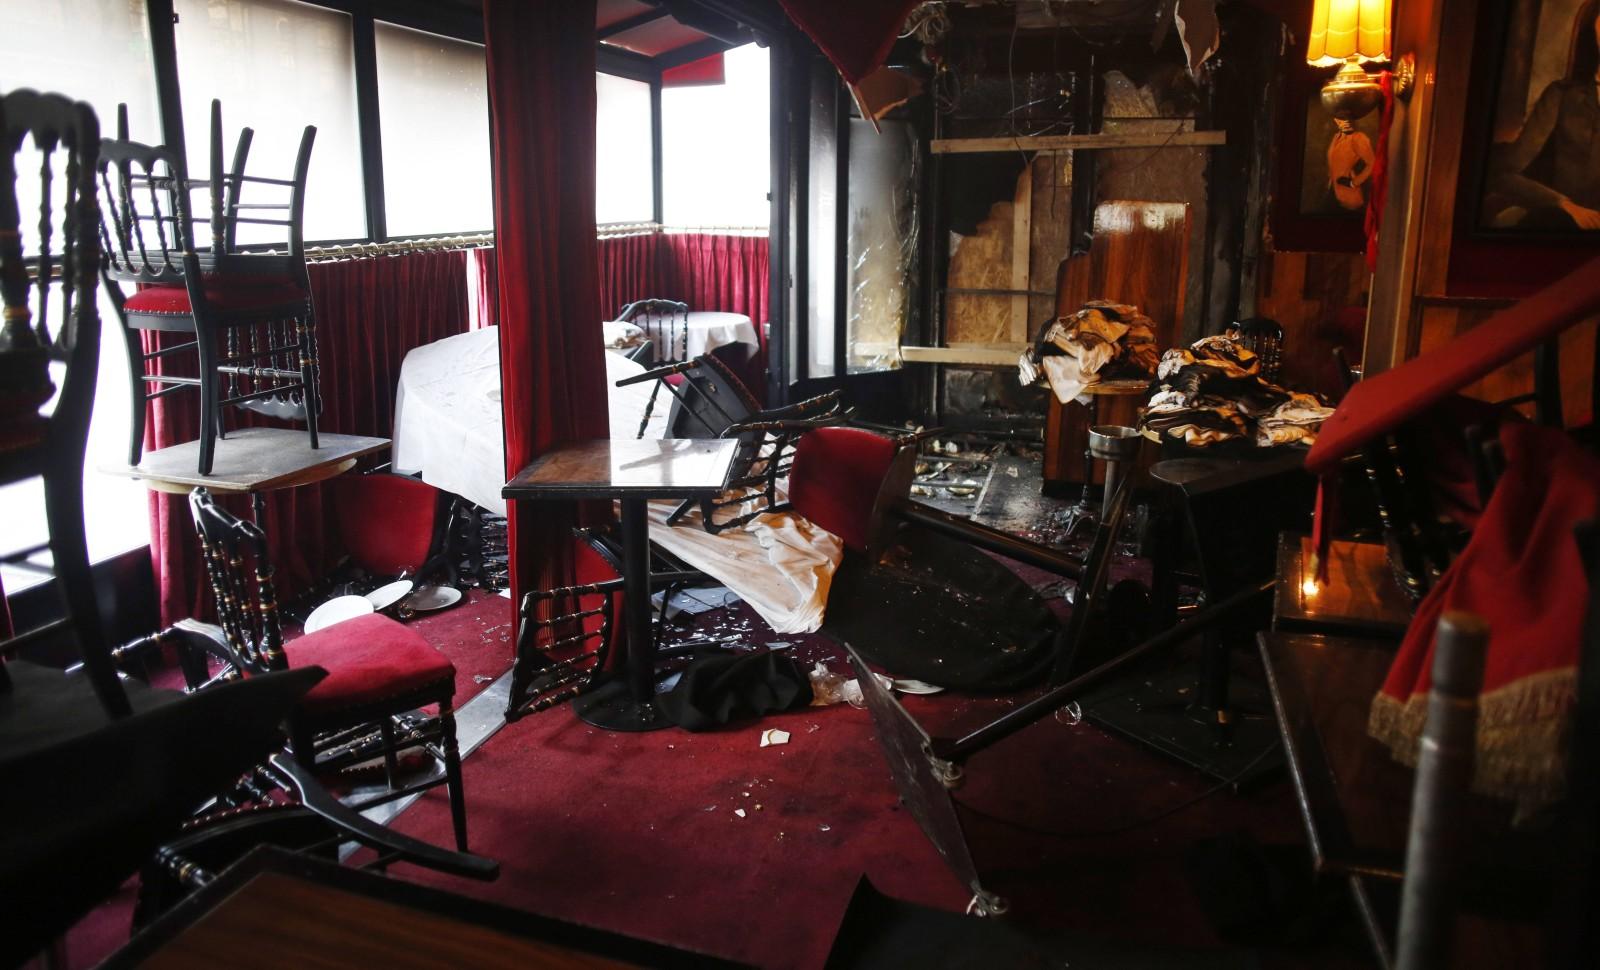 Le restaurant La Rotonde à Paris, où Emmanuel Macron avait dîné entre les deux tours de la présidentielle, incendié le 18 janvier 2020 © Thibault Camus/AP/SIPA Numéro de reportage: AP22419450_000003